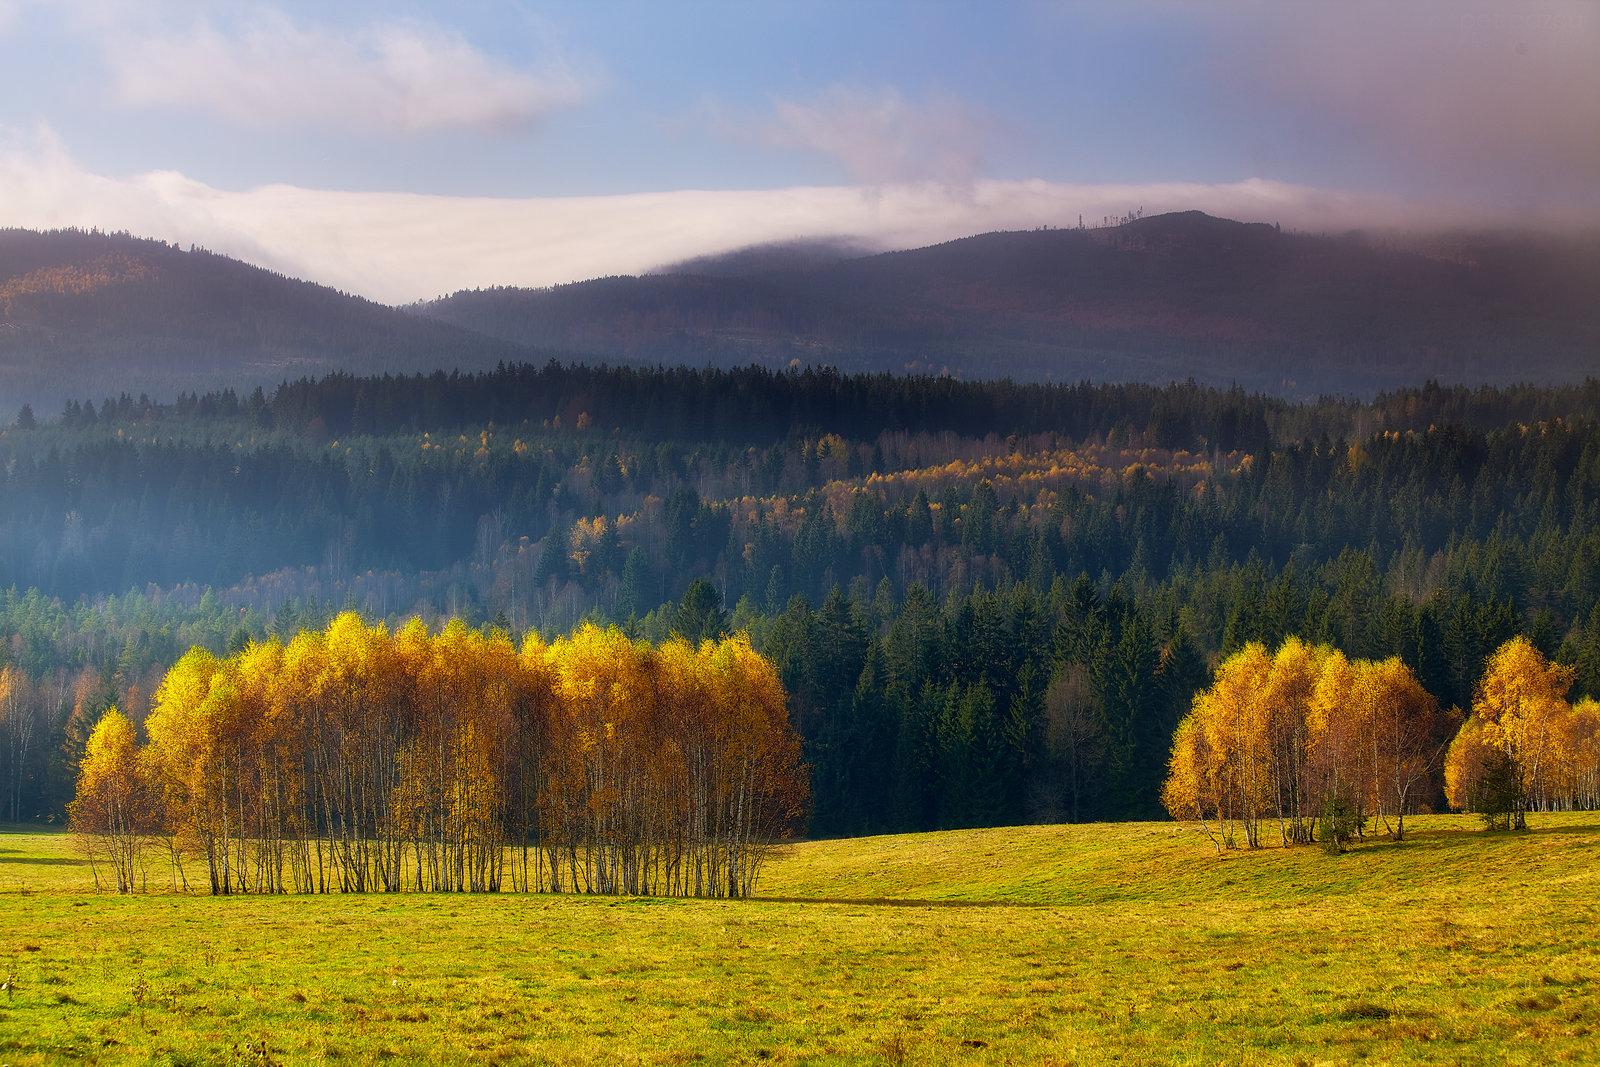 Podzim před koncem